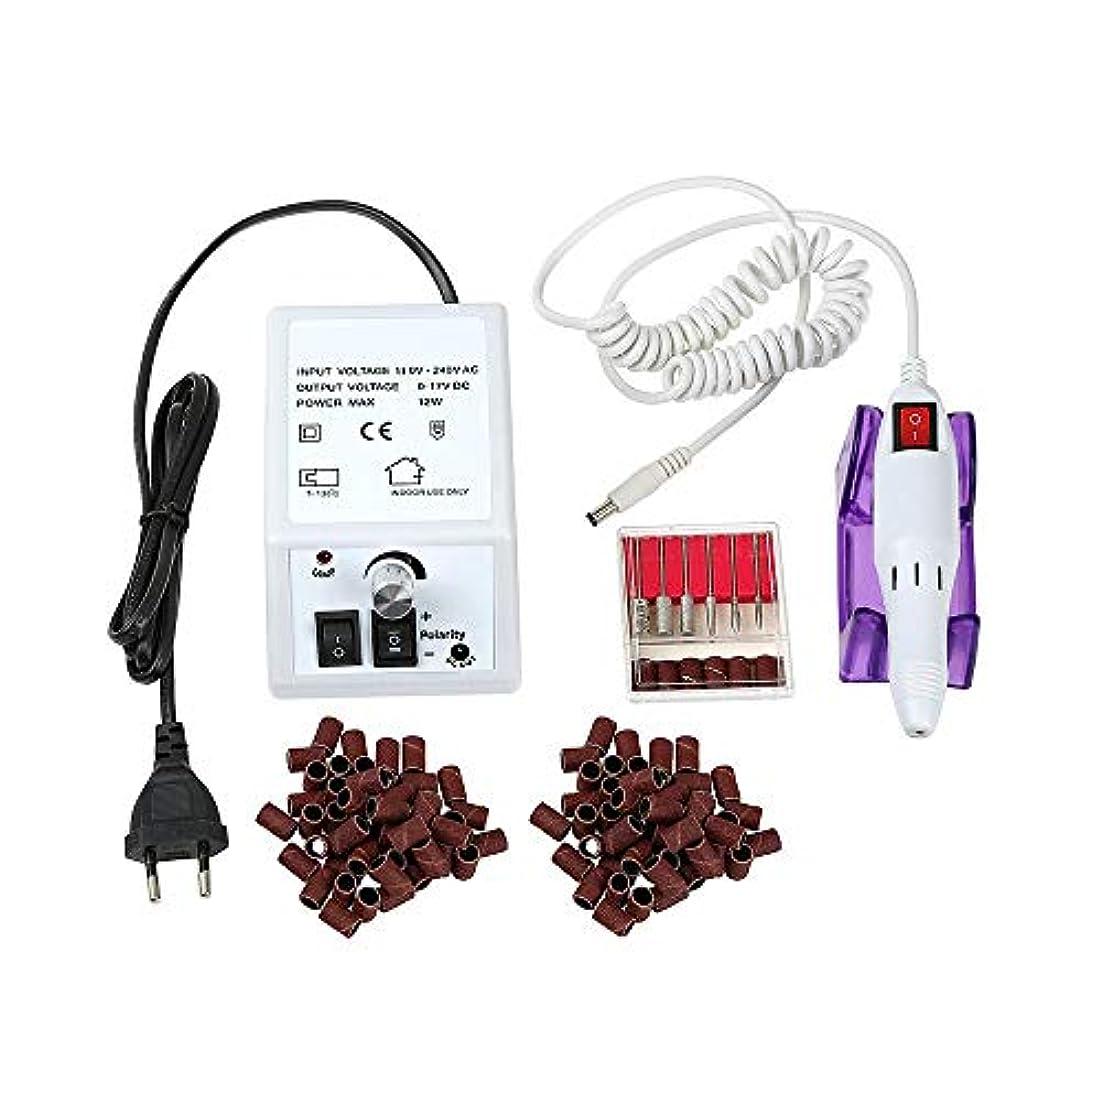 非行シンプトンレスリング電気ネイルドリルマシン、20000RPMポータブルネイルドリルマシン、マニキュアとペディキュア用のネイルポリッシャーセット付きの電気ネイルファイルセット